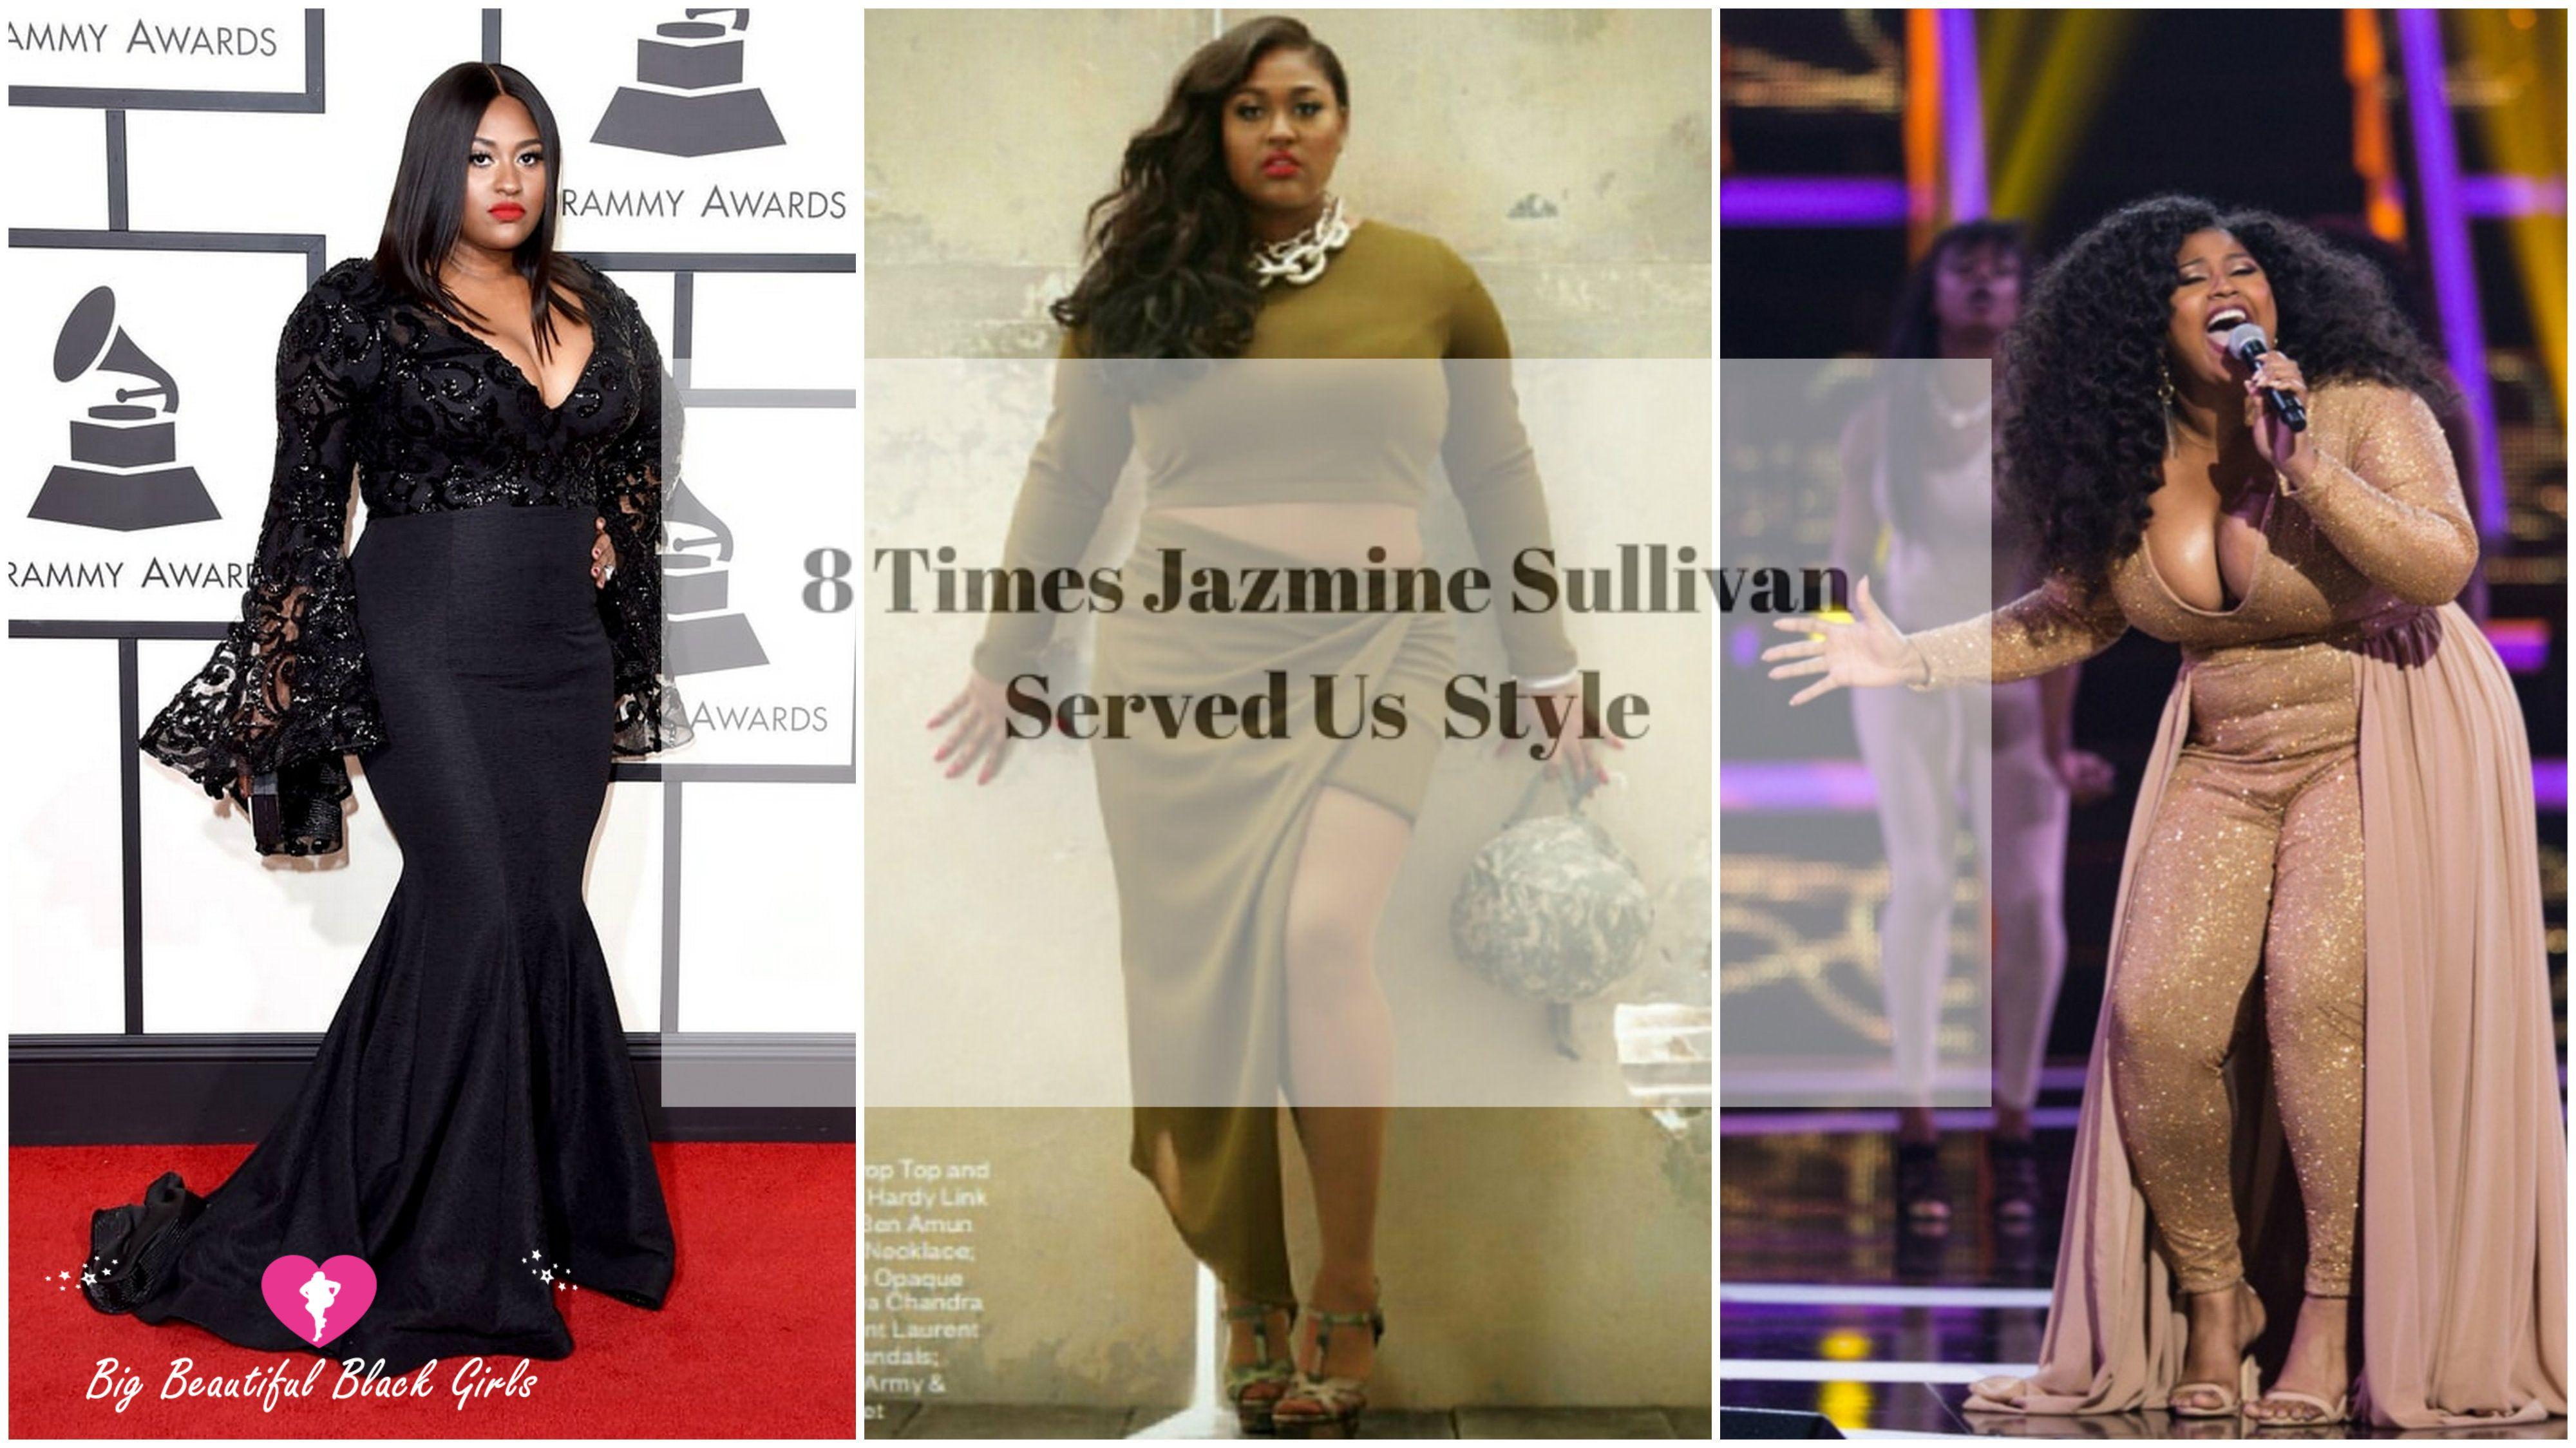 70677ebd5a25 8 Times Jazmine Sullivan Served Us Style http   www.bigbeautifulblackgirls .com